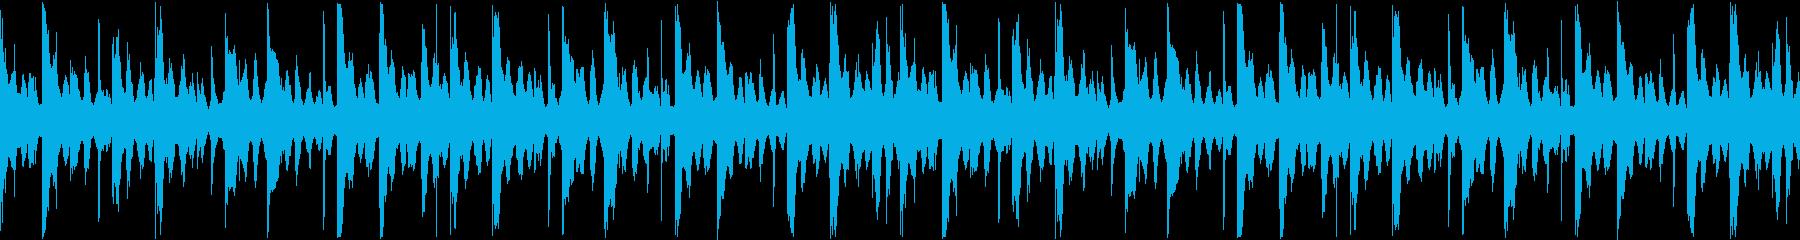 【ループ】リザルト/結果表示向けのBGMの再生済みの波形